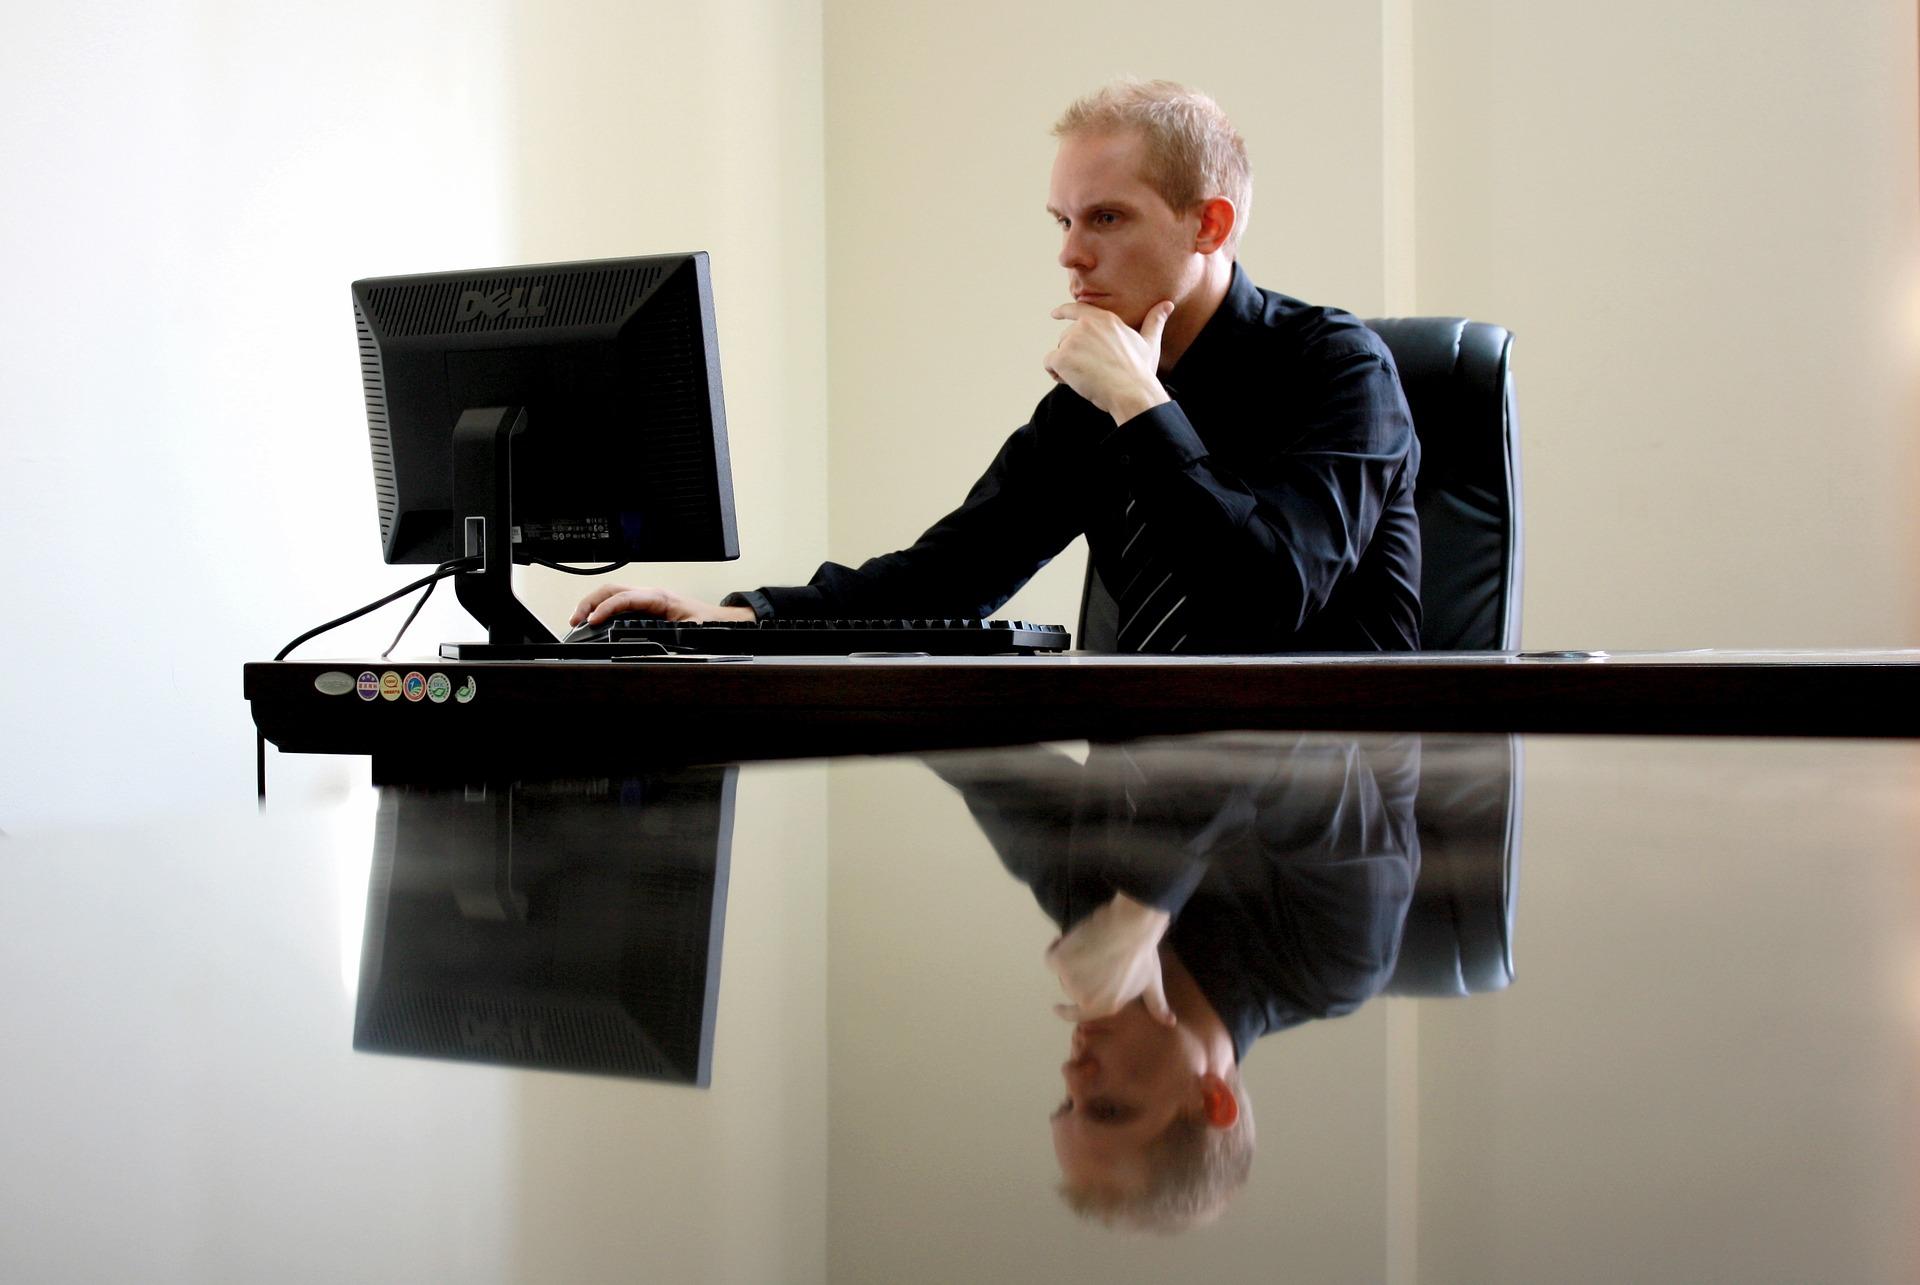 Beden Sağlığını Tehdit Eden Önemli Başlık: Oturuş Bozukluğu